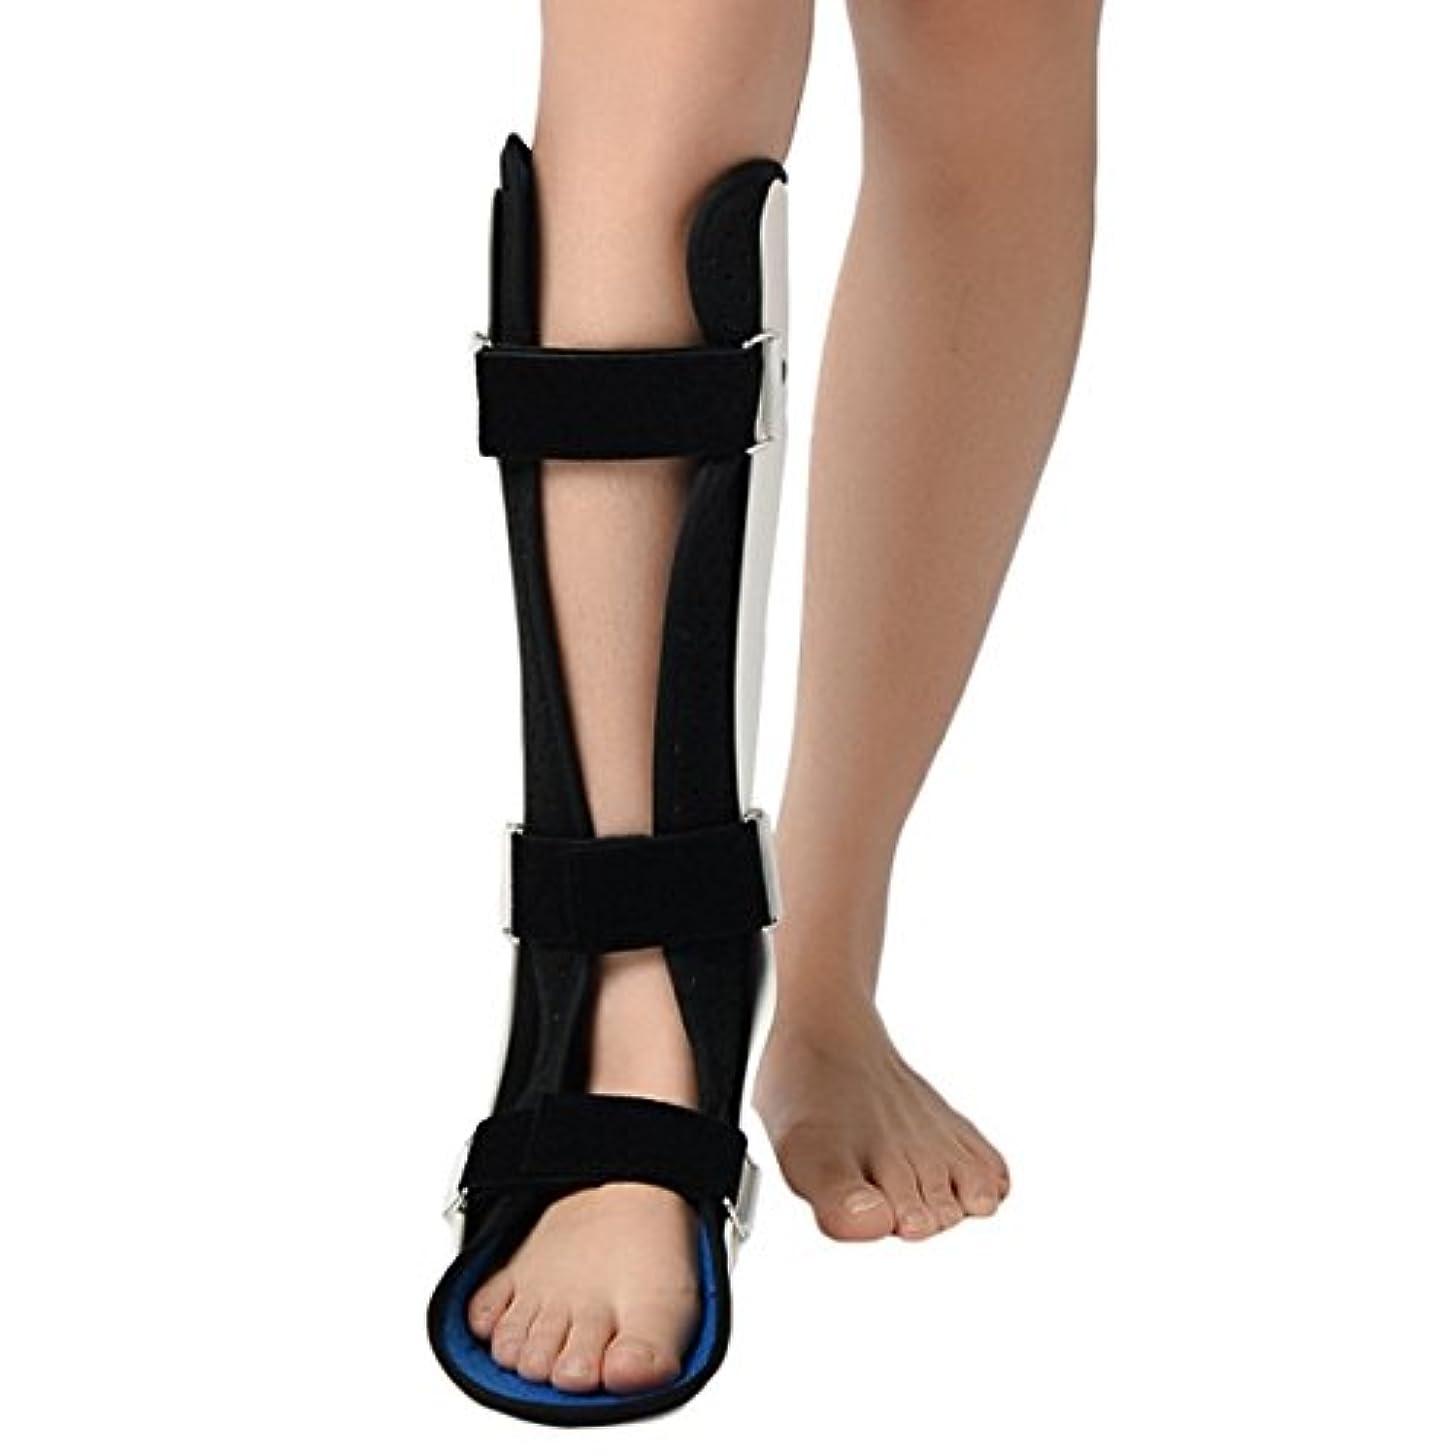 ブラジャー湿気の多い天才アンクル骨折リハビリテーション看護ケア固定足アンクルブーツアンクルブレースサポート足の捻挫足首サポートブレース